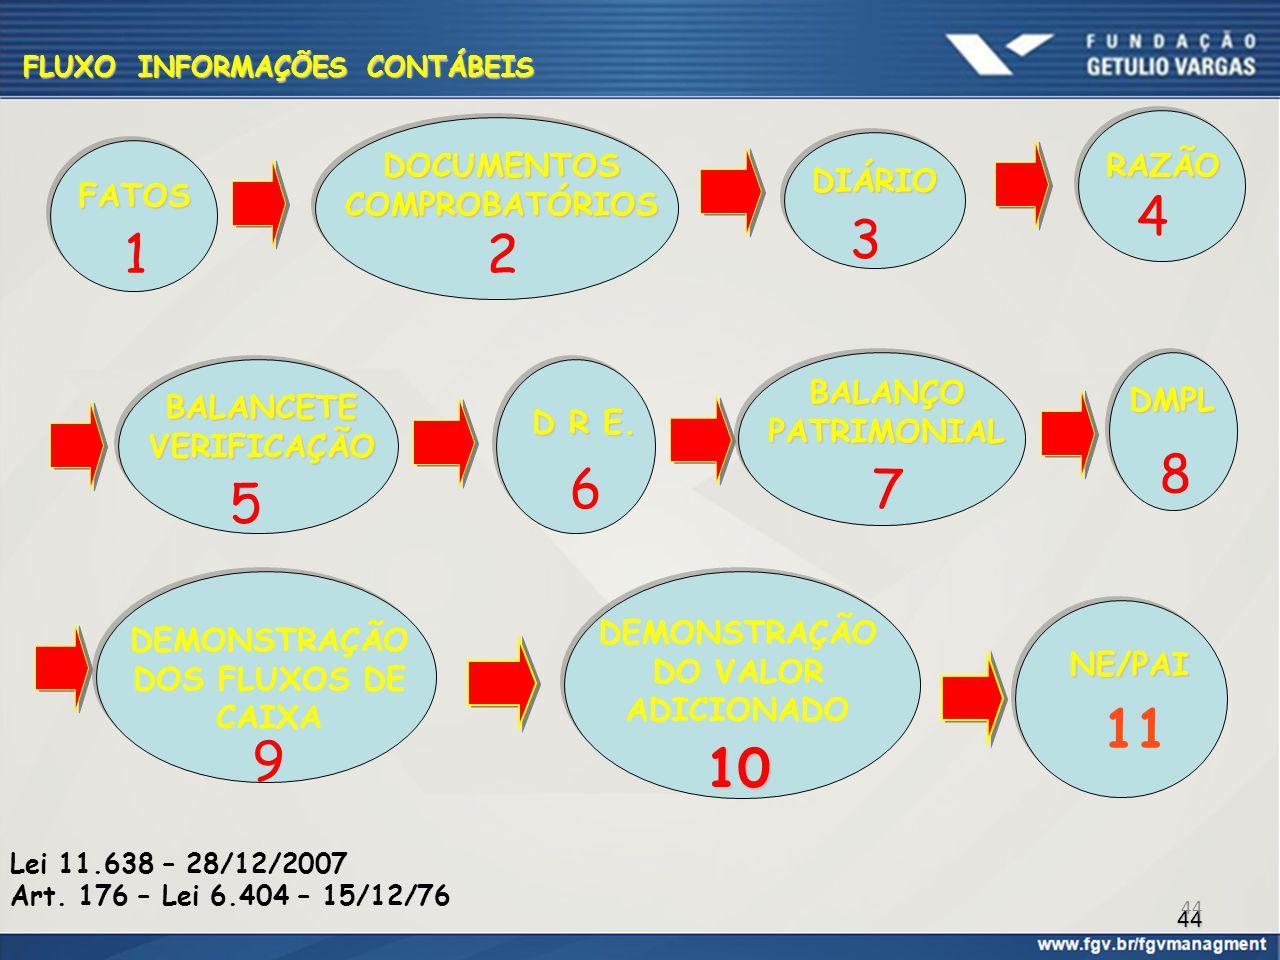 44 FLUXO INFORMAÇÕES CONTÁBEIS FATOS 1 DOCUMENTOSCOMPROBATÓRIOS 2 D R E. 6 BALANÇOPATRIMONIAL 7 8 DMPL 9 NE/PAI 10 RAZÃO 4 BALANCETEVERIFICAÇÃO 5 DIÁR